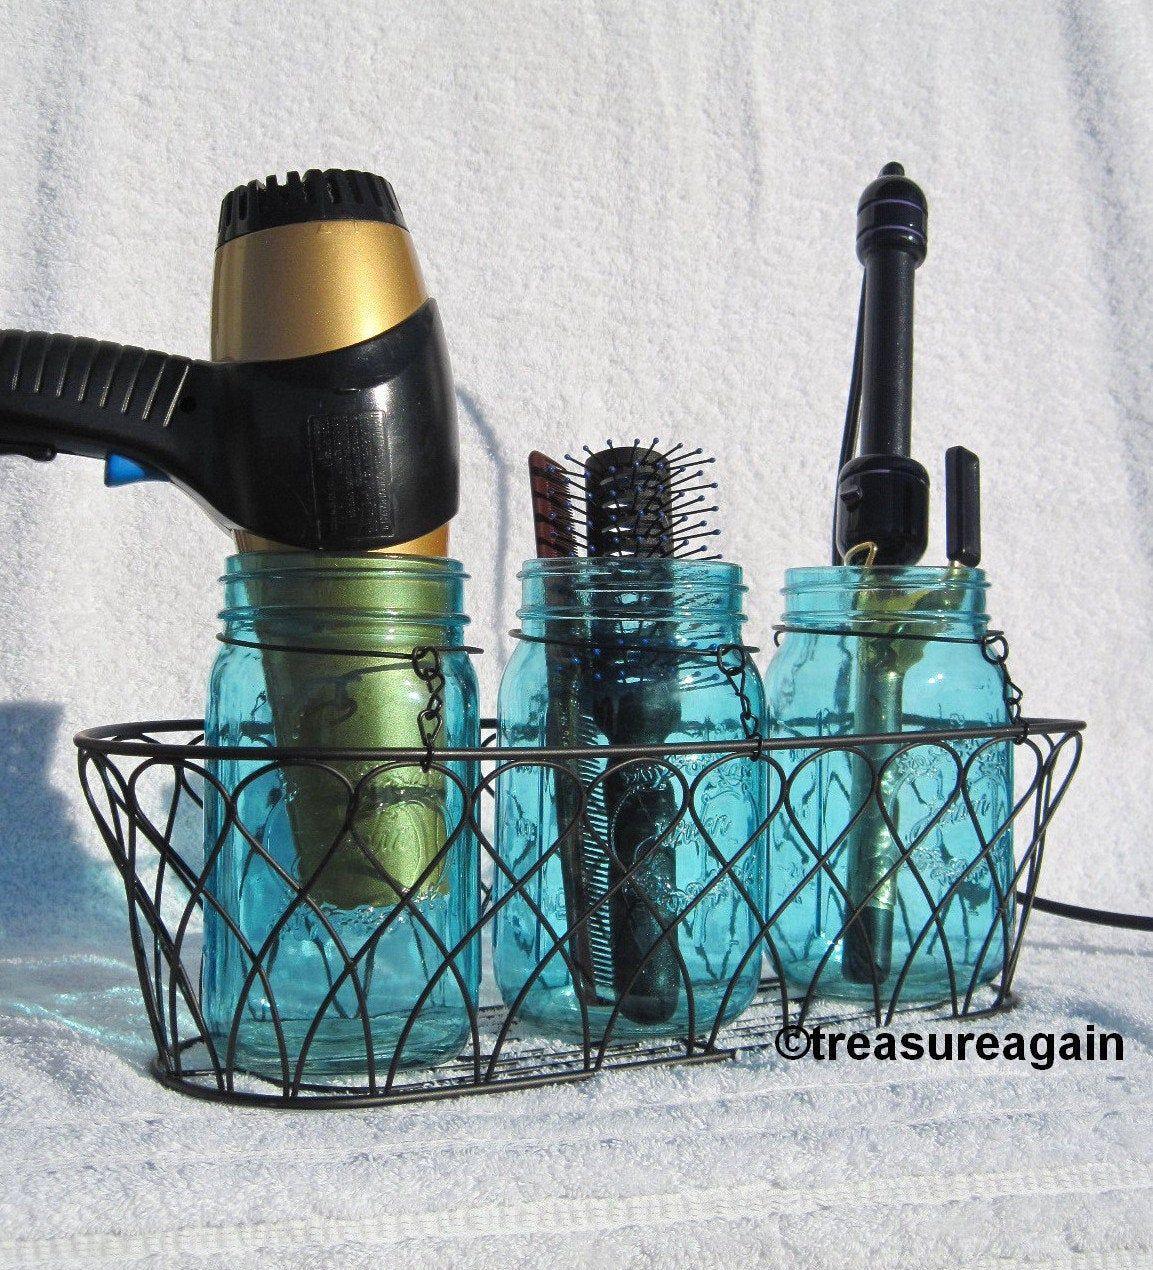 Mason Jar Hair Station Caddy Bathroom Organizer Storage Organization Vanity Or Dorm Room Hair Styling Tools Organizer Jar Color Choice In 2020 Hair Tool Organizer Bathroom Organisation Hair Stations